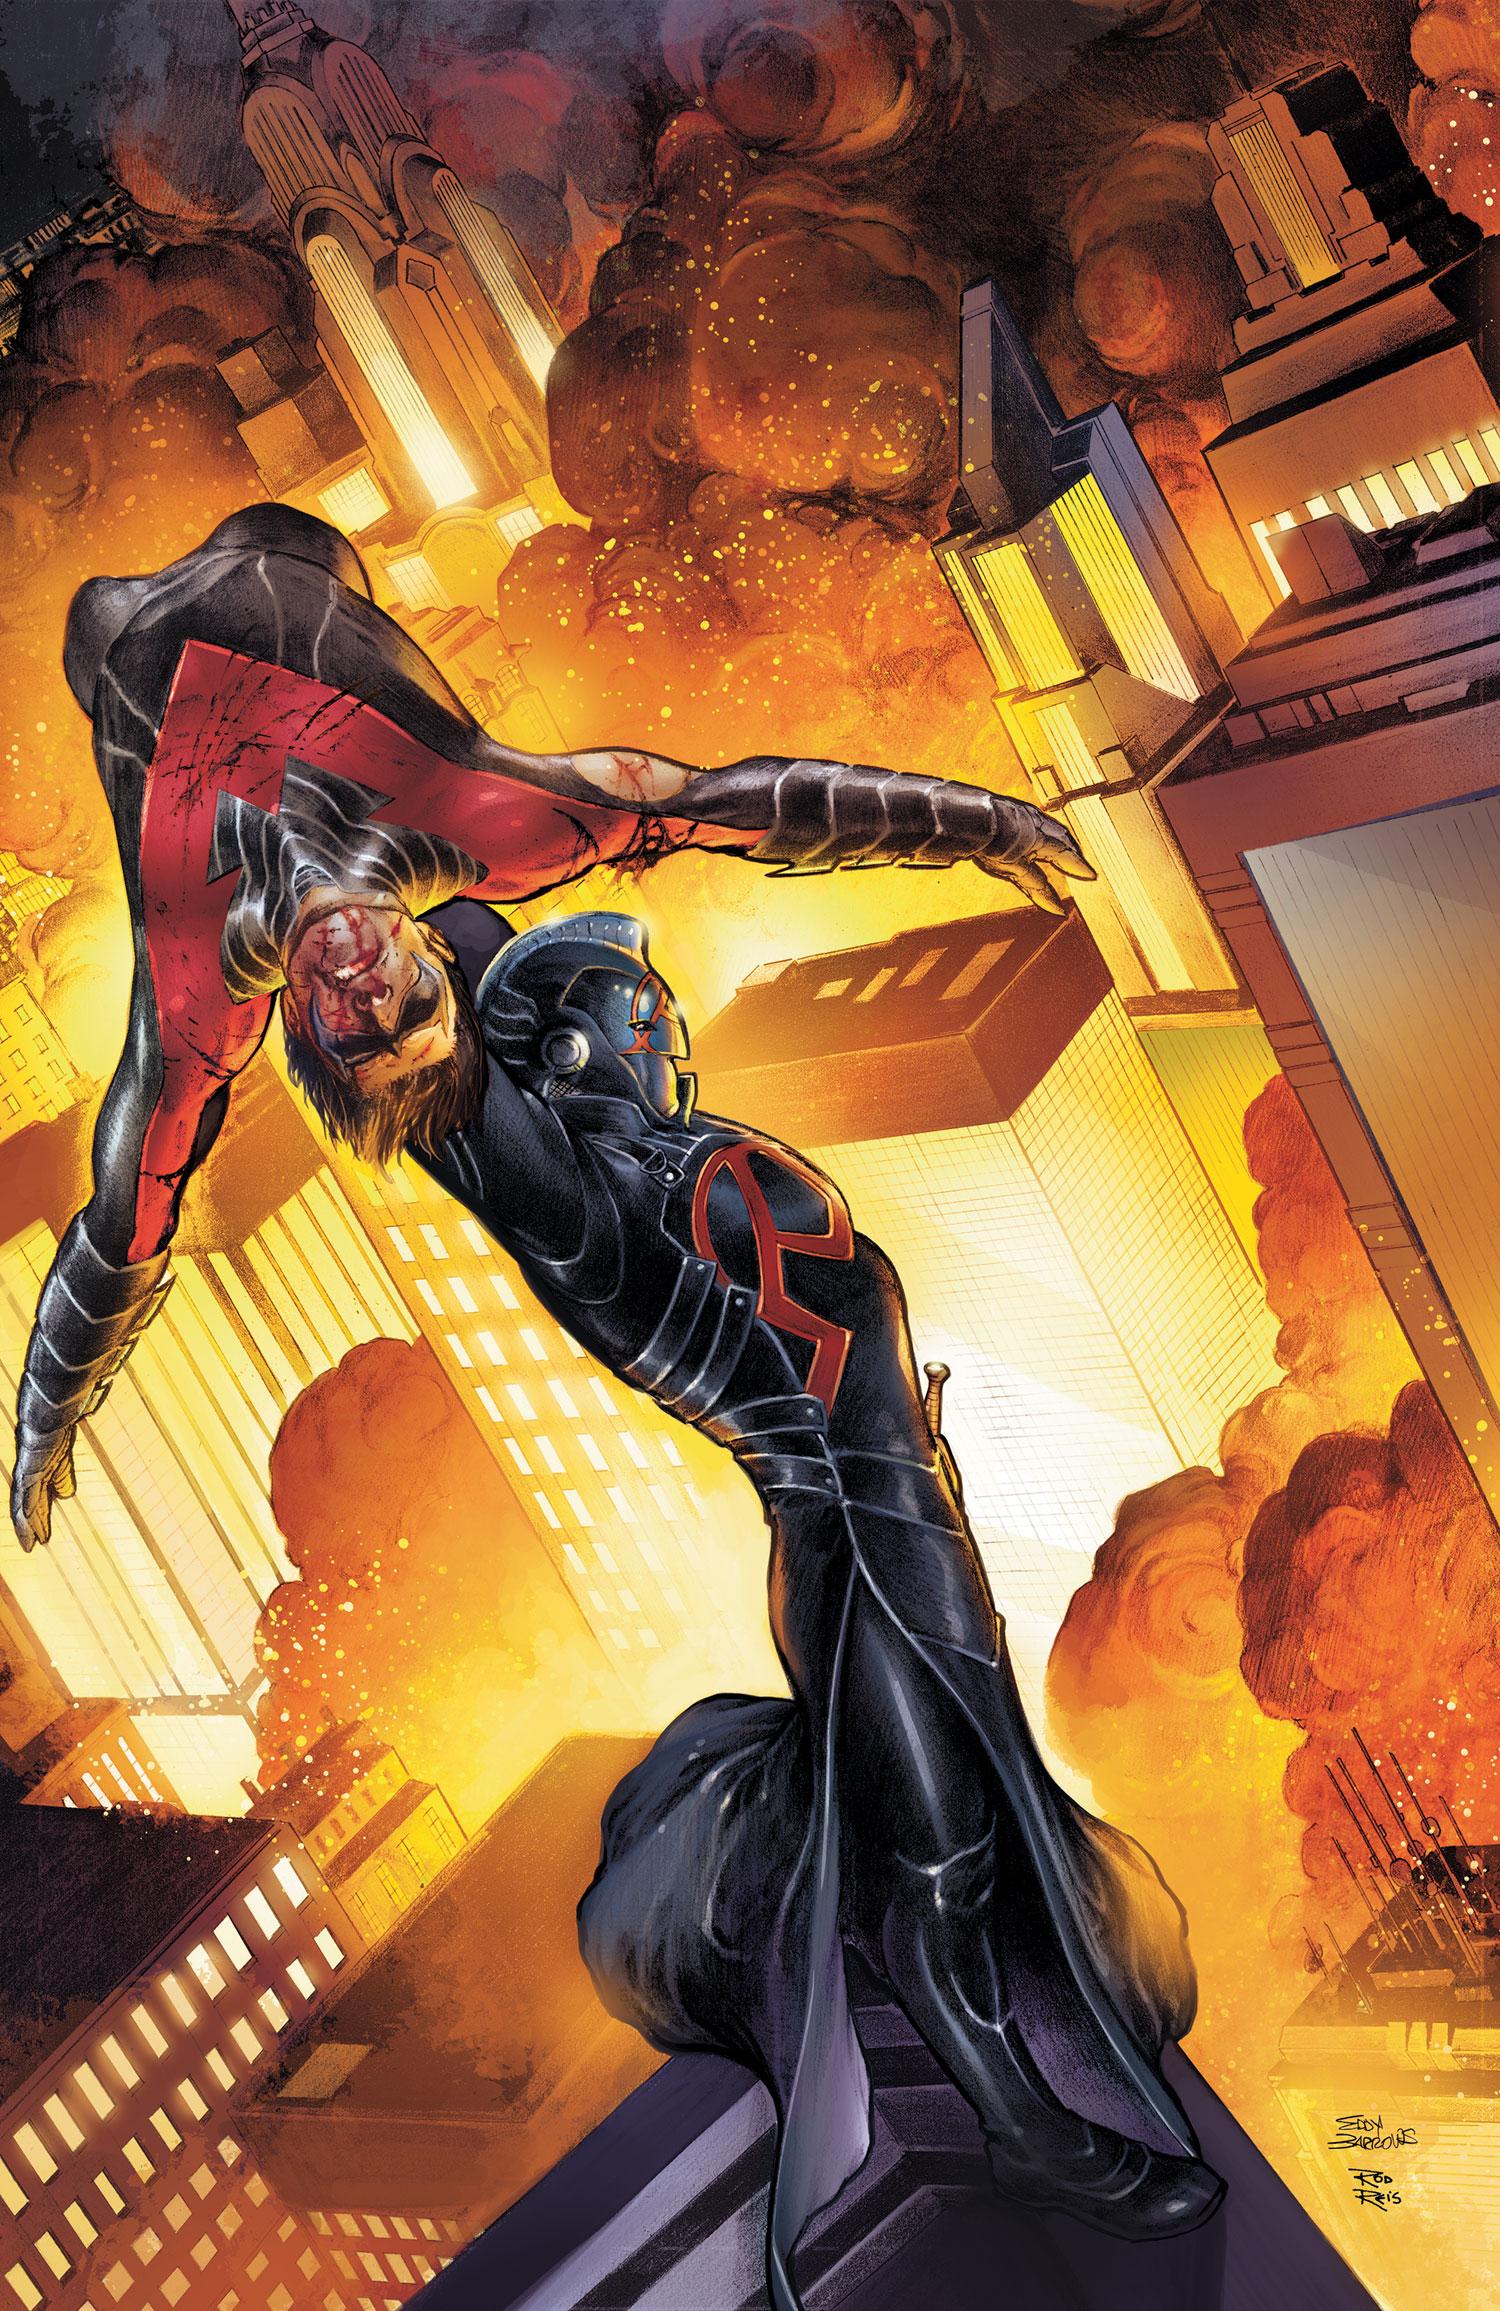 Nightwing-12 jpgNew 52 Atom Smasher